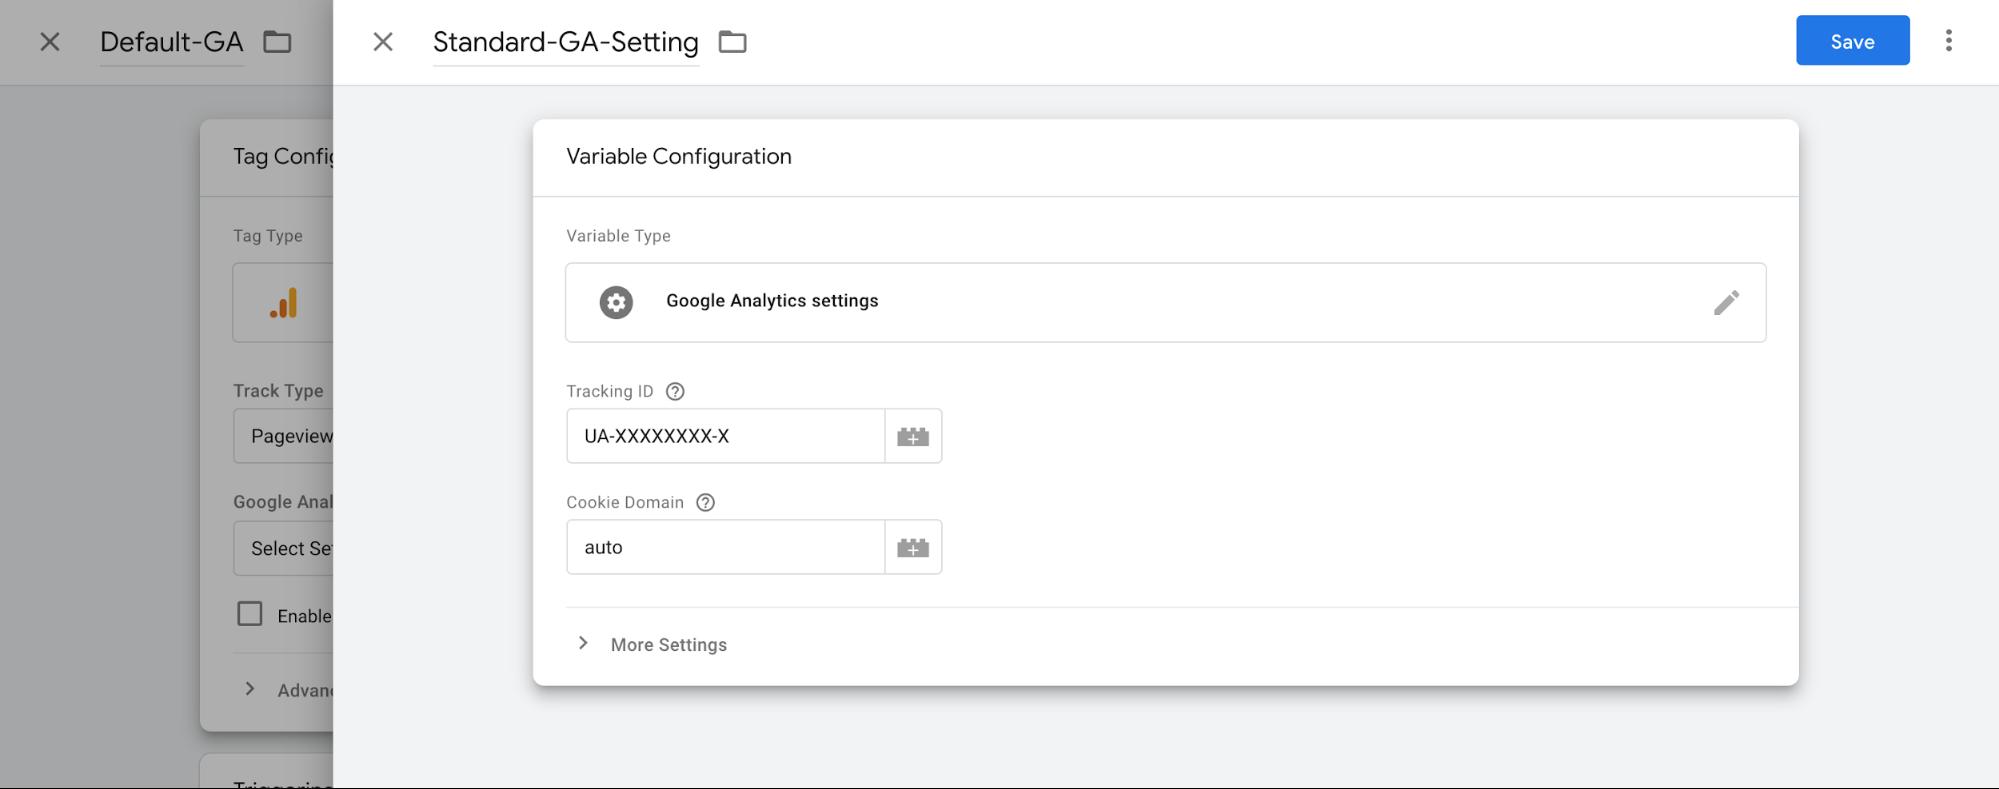 modifica google analytics impostazioni tag manager